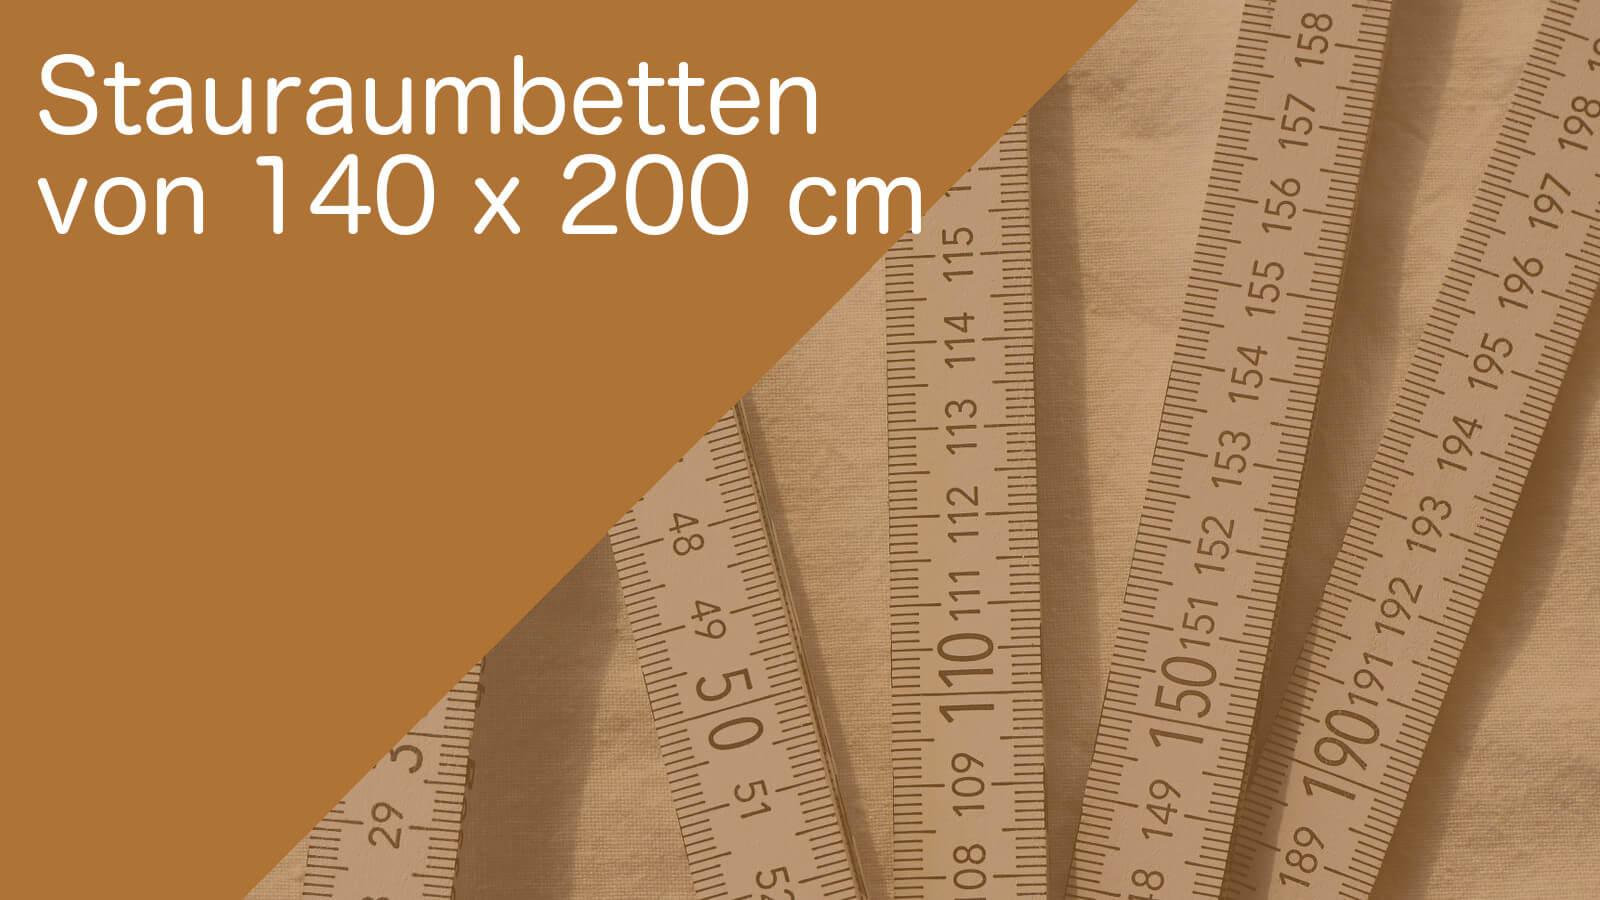 staurambetten_140x200